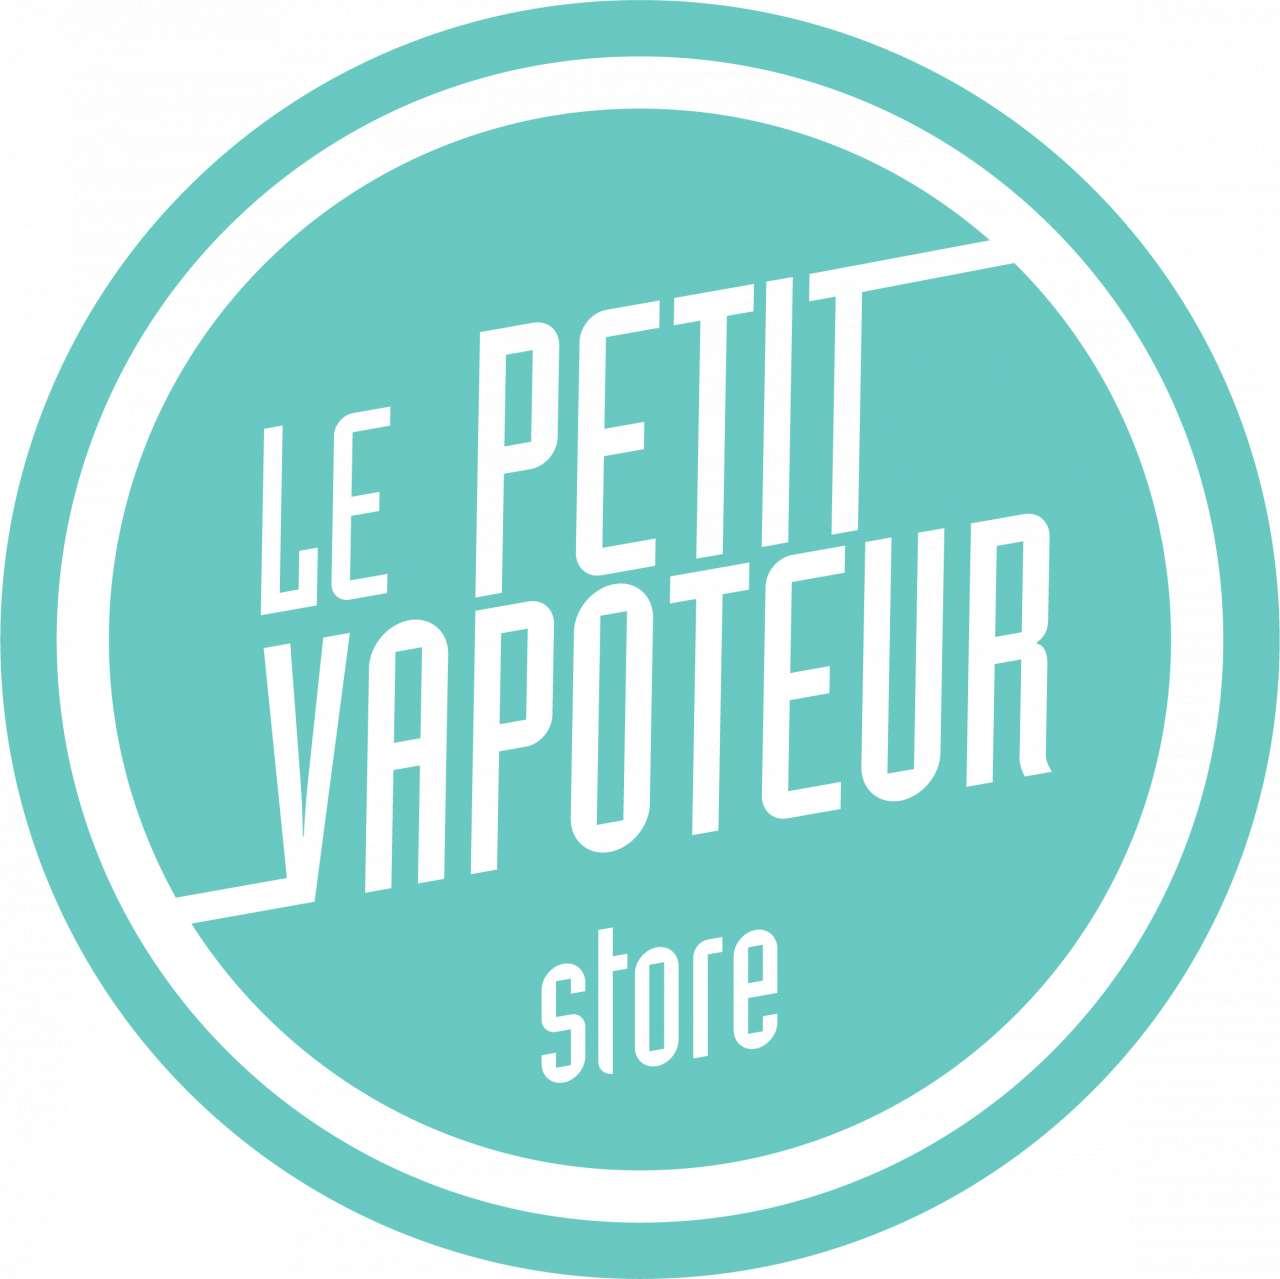 Boutique de vape spécialisée LE PETIT VAPOTEUR STORE située à CAEN